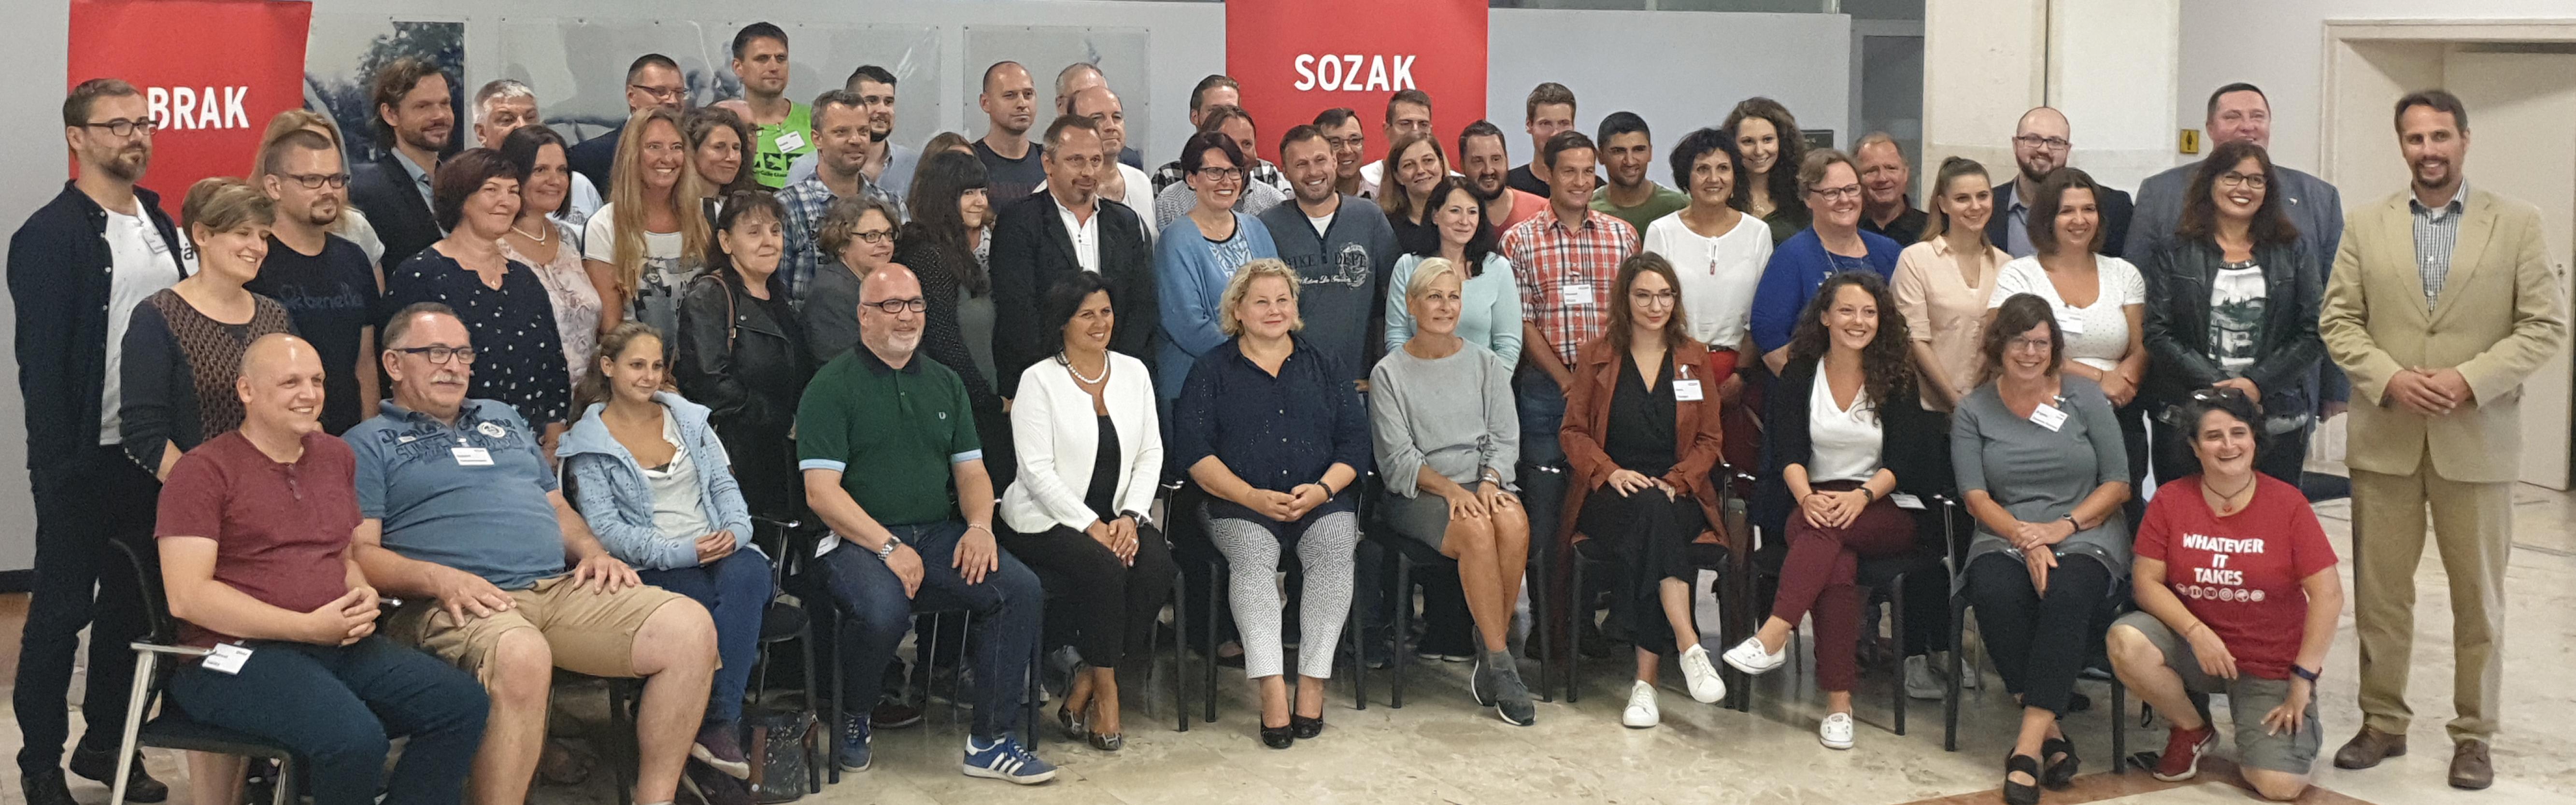 Eröffnung BRAK und SOZAK